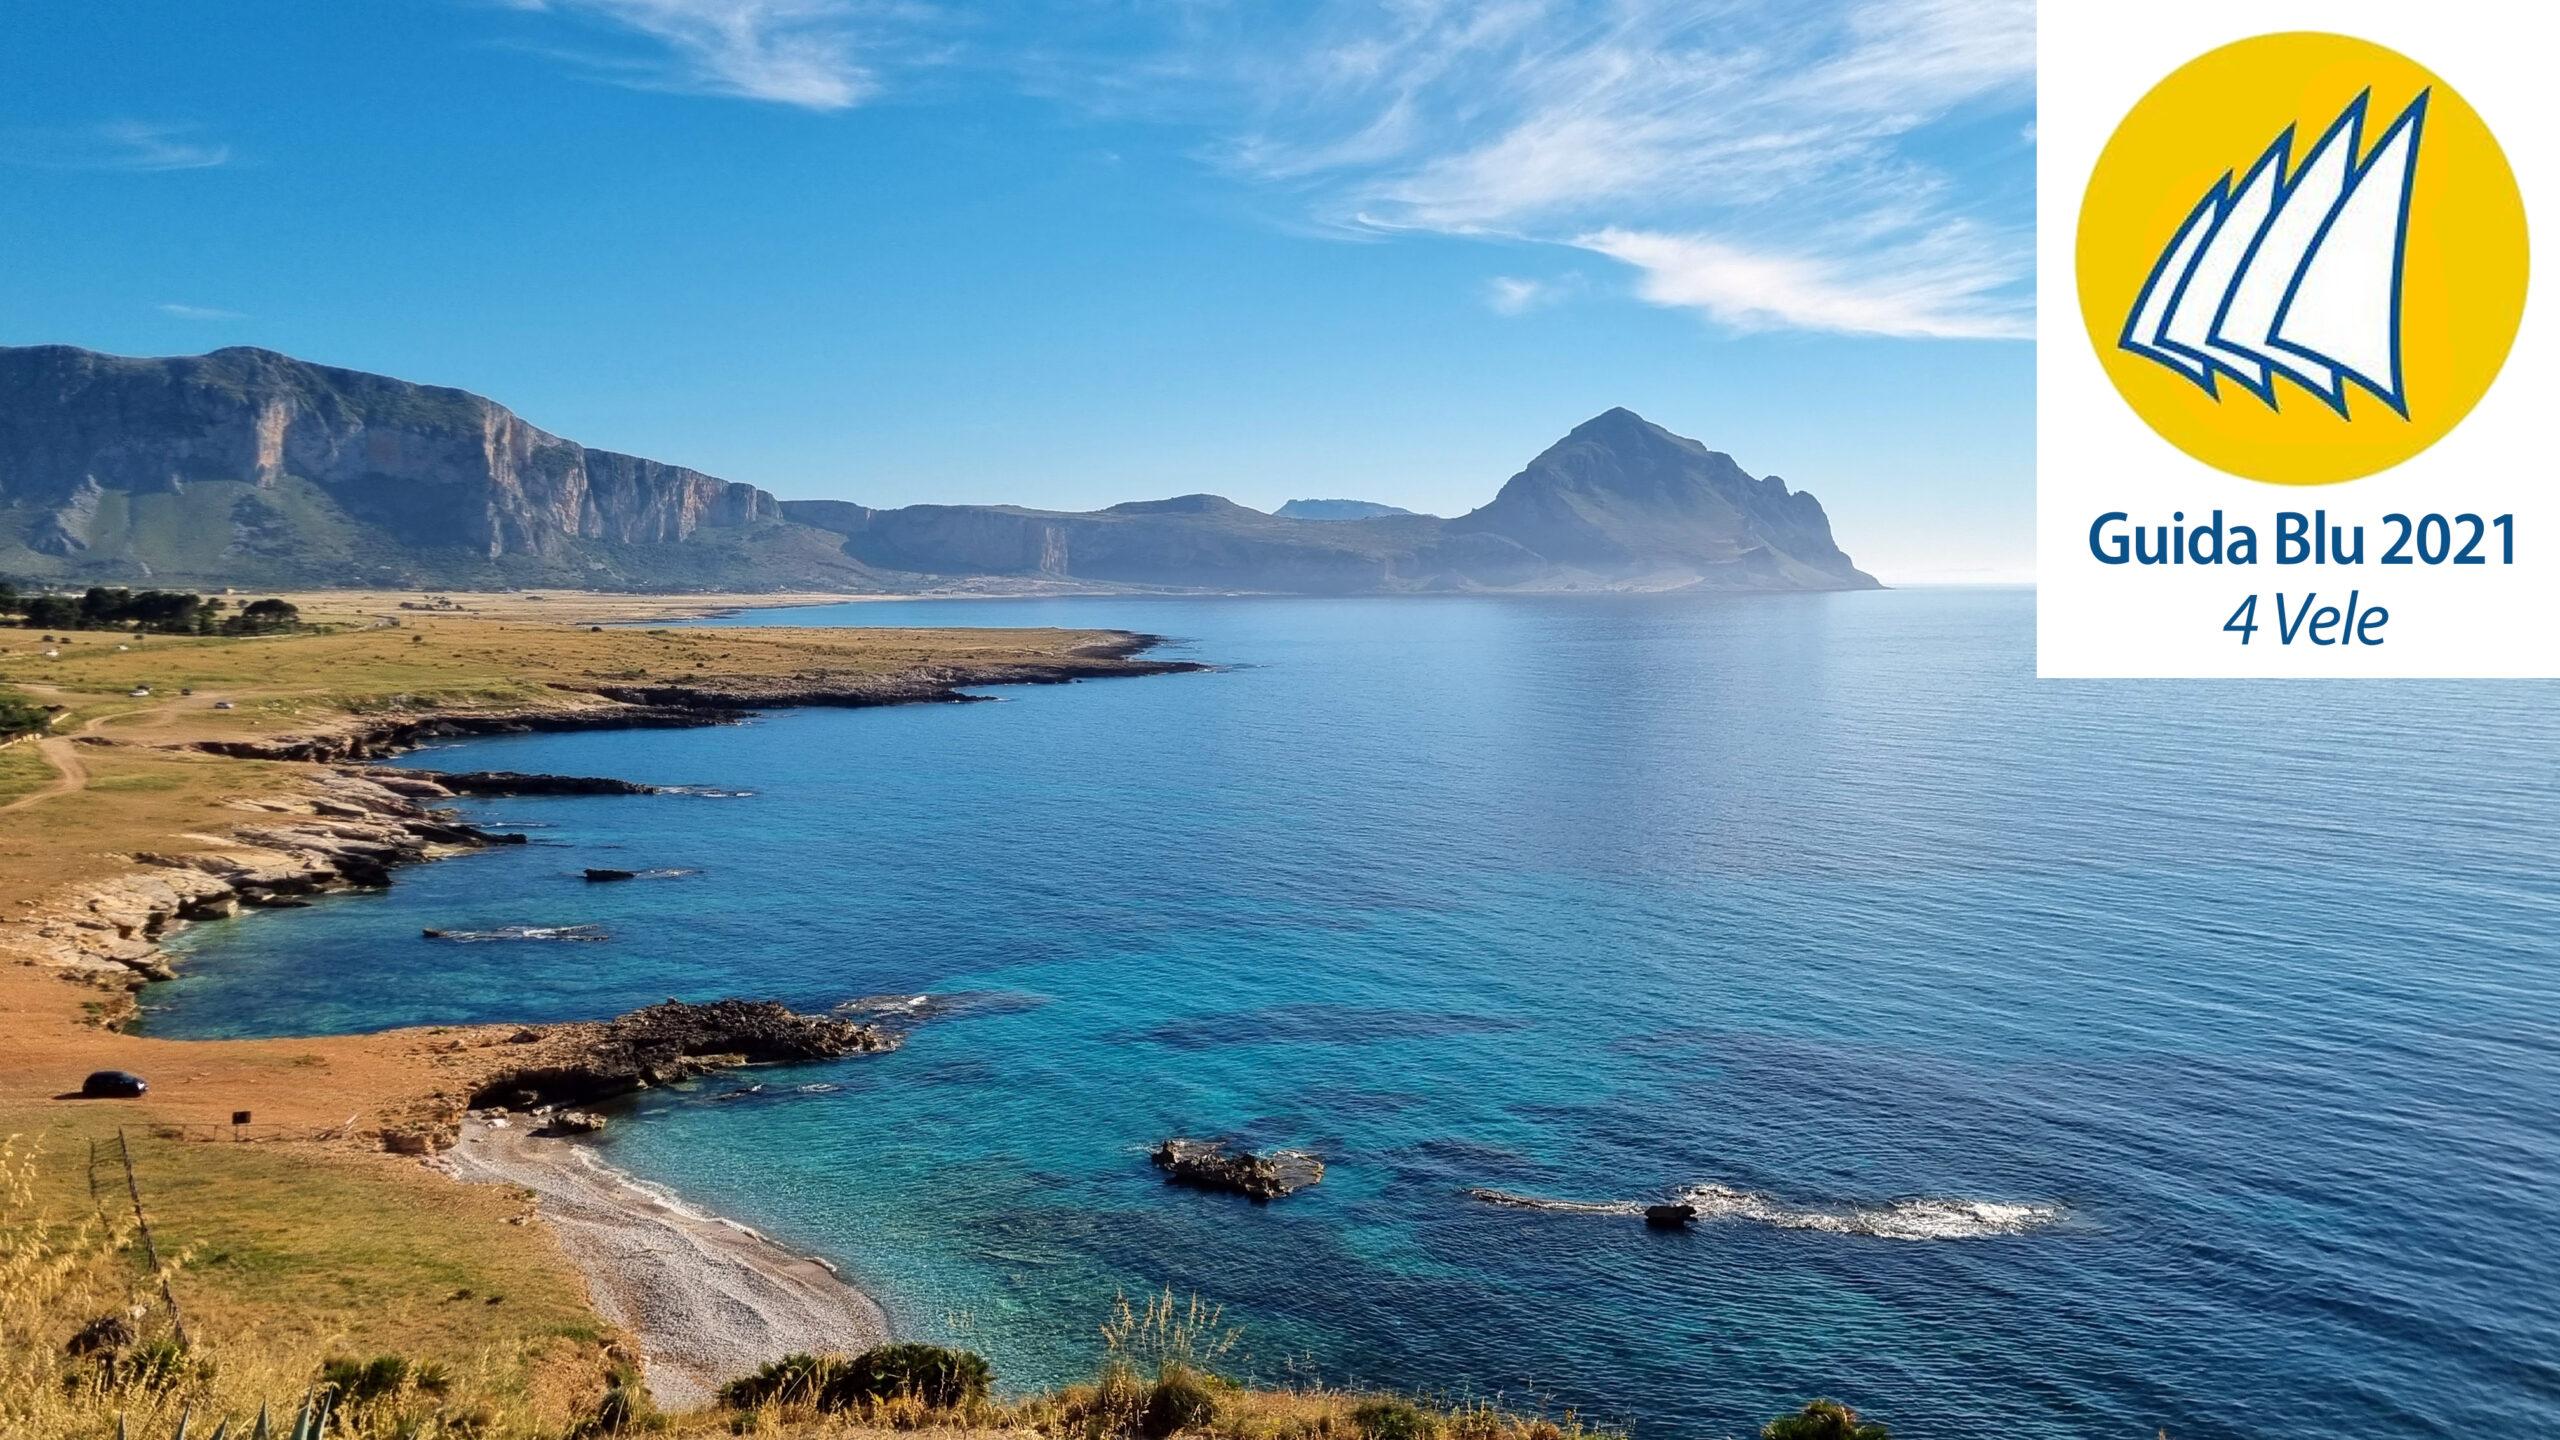 Erice, Custonaci e San Vito Lo Capo premiati con le 4 vele di Legambiente per il mare più bello d'Italia